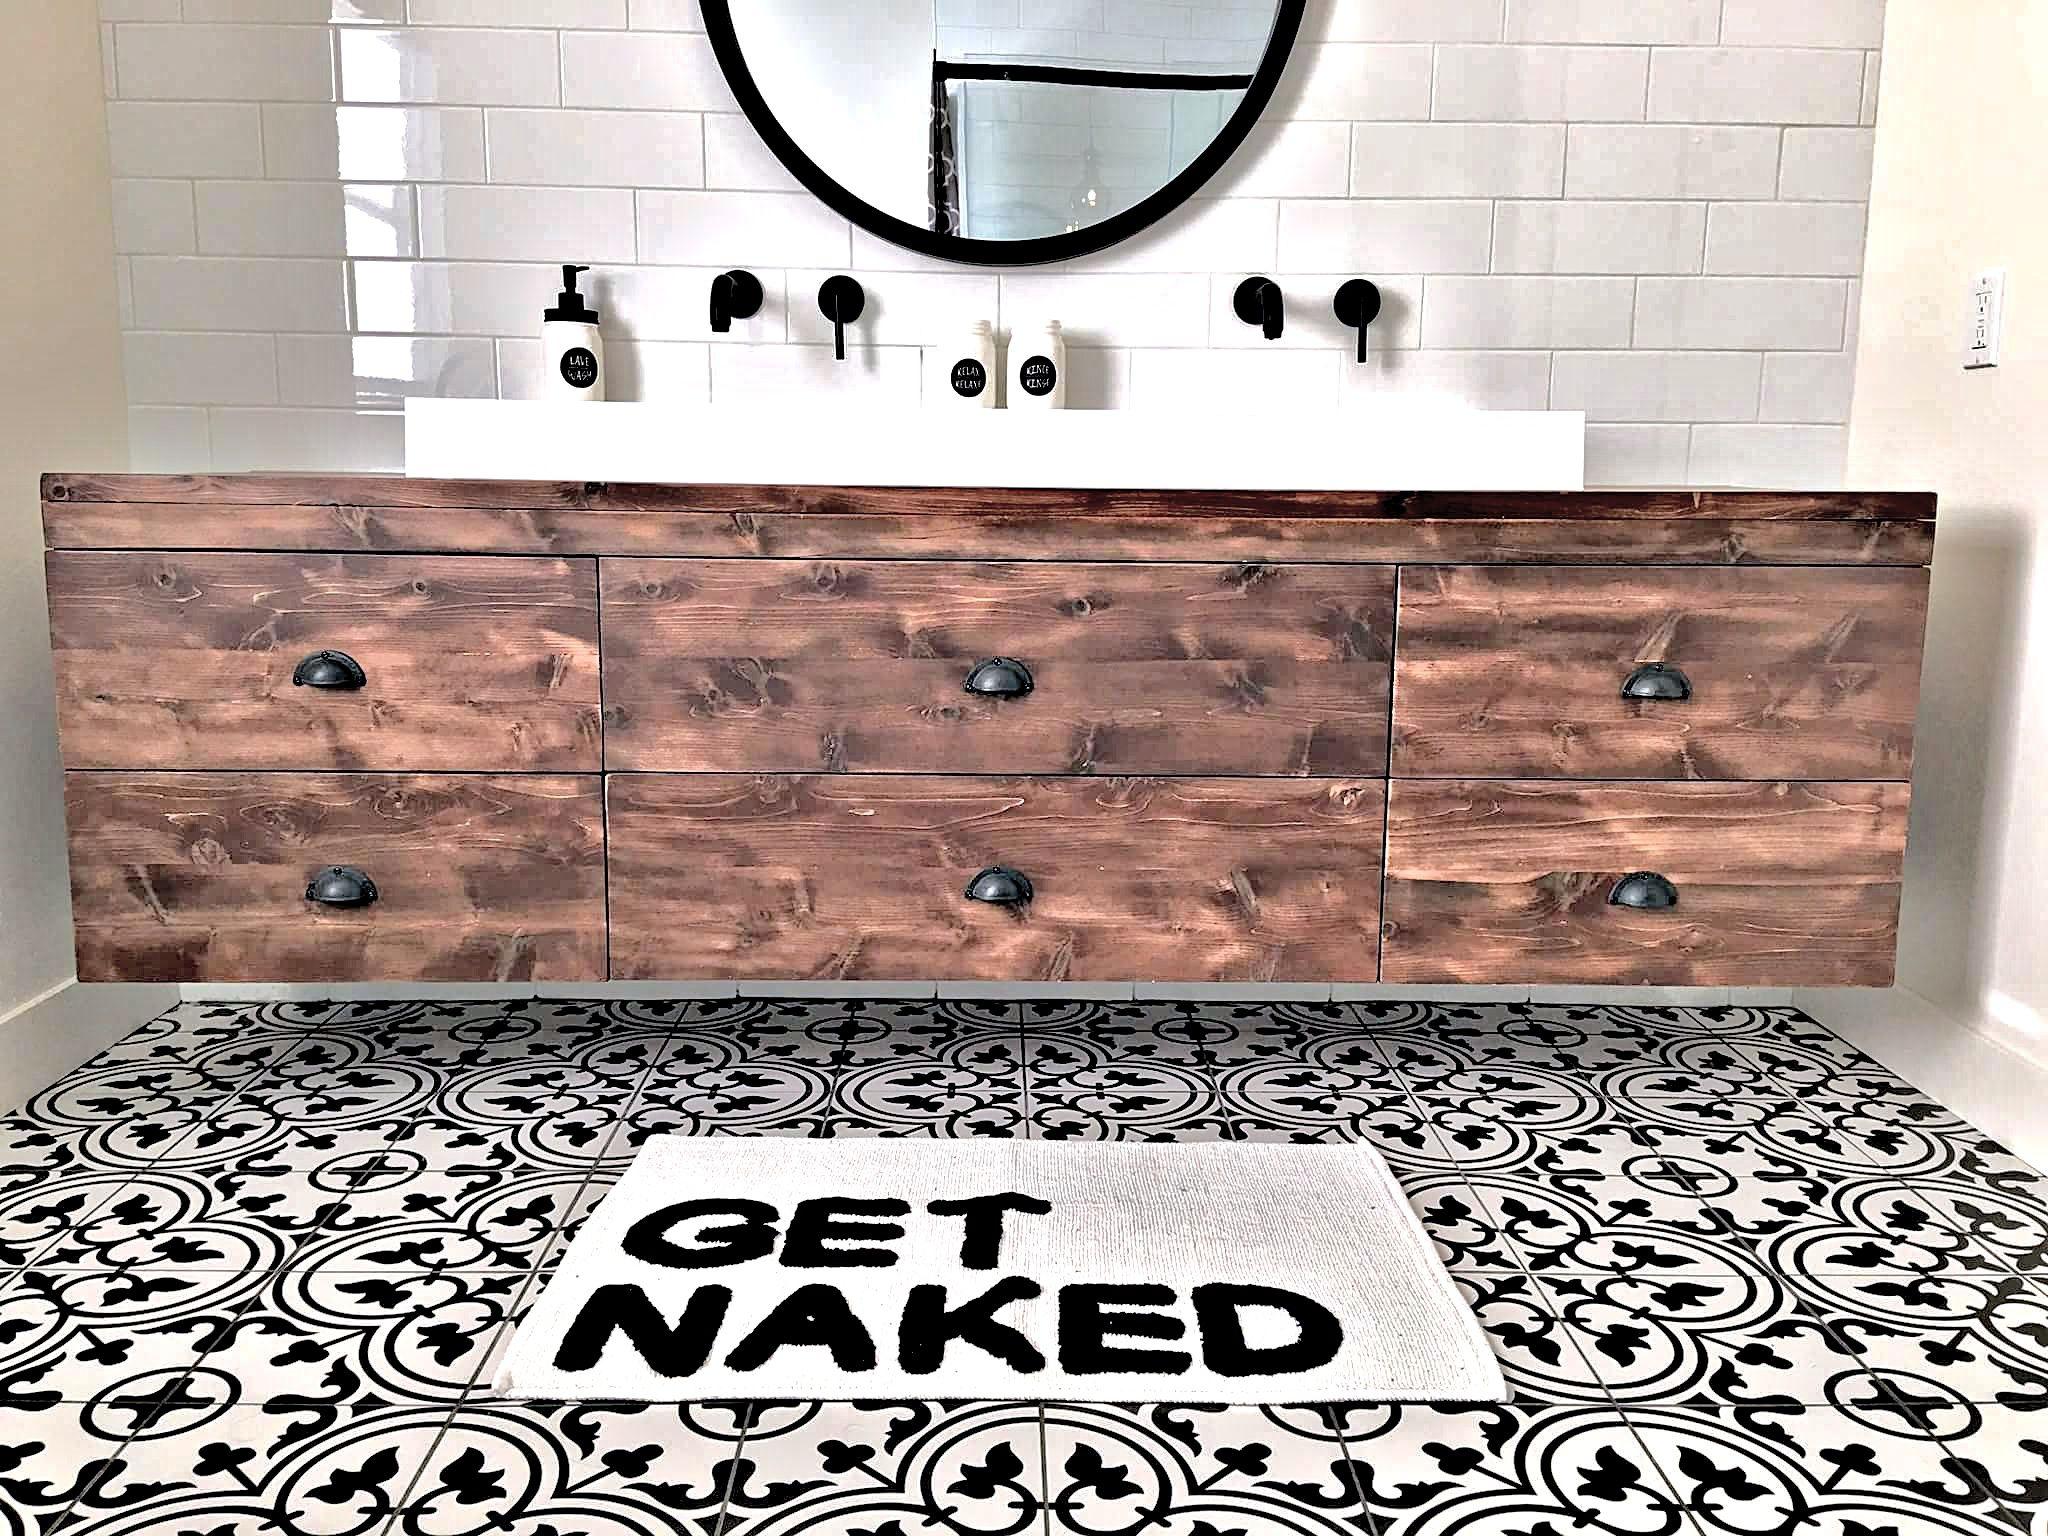 Rustik Meubles Design Est Fabricant D Habillages De Murs En Bois Massif Et De Mobiliers Haut De Gamme Sur Mesure En Bois Vanity Bathroom Vanity Double Vanity